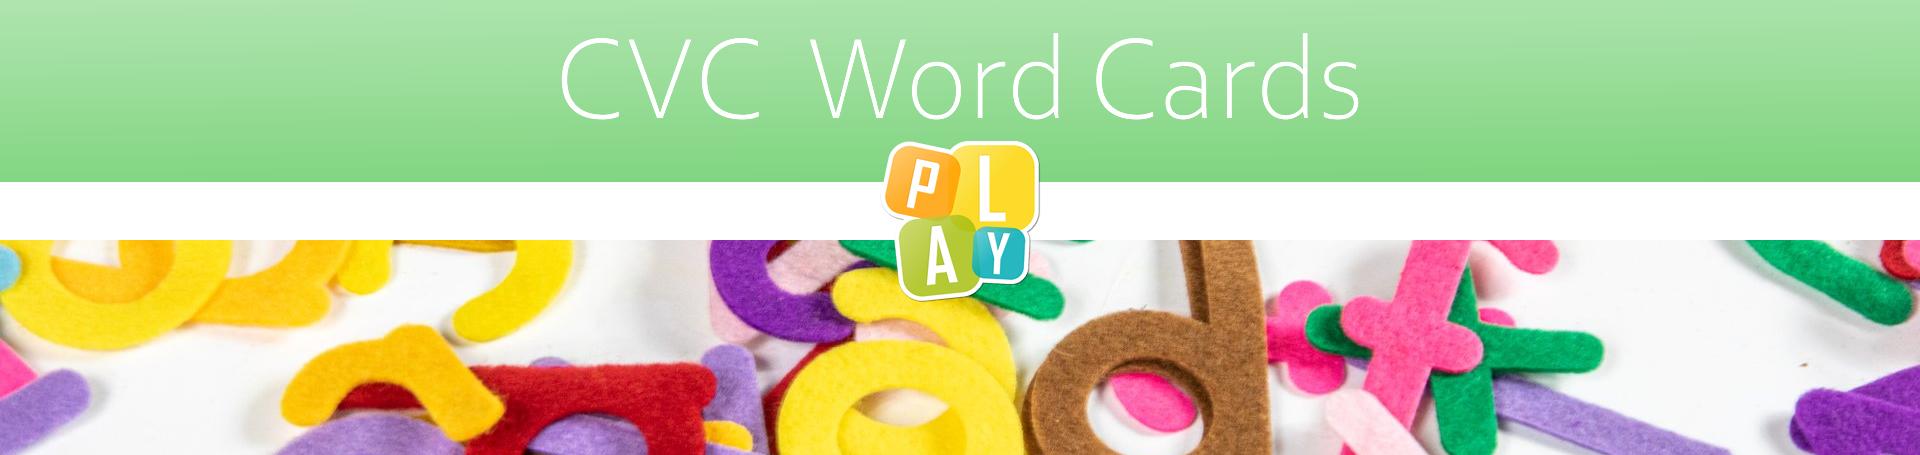 Header CVC Word Cards